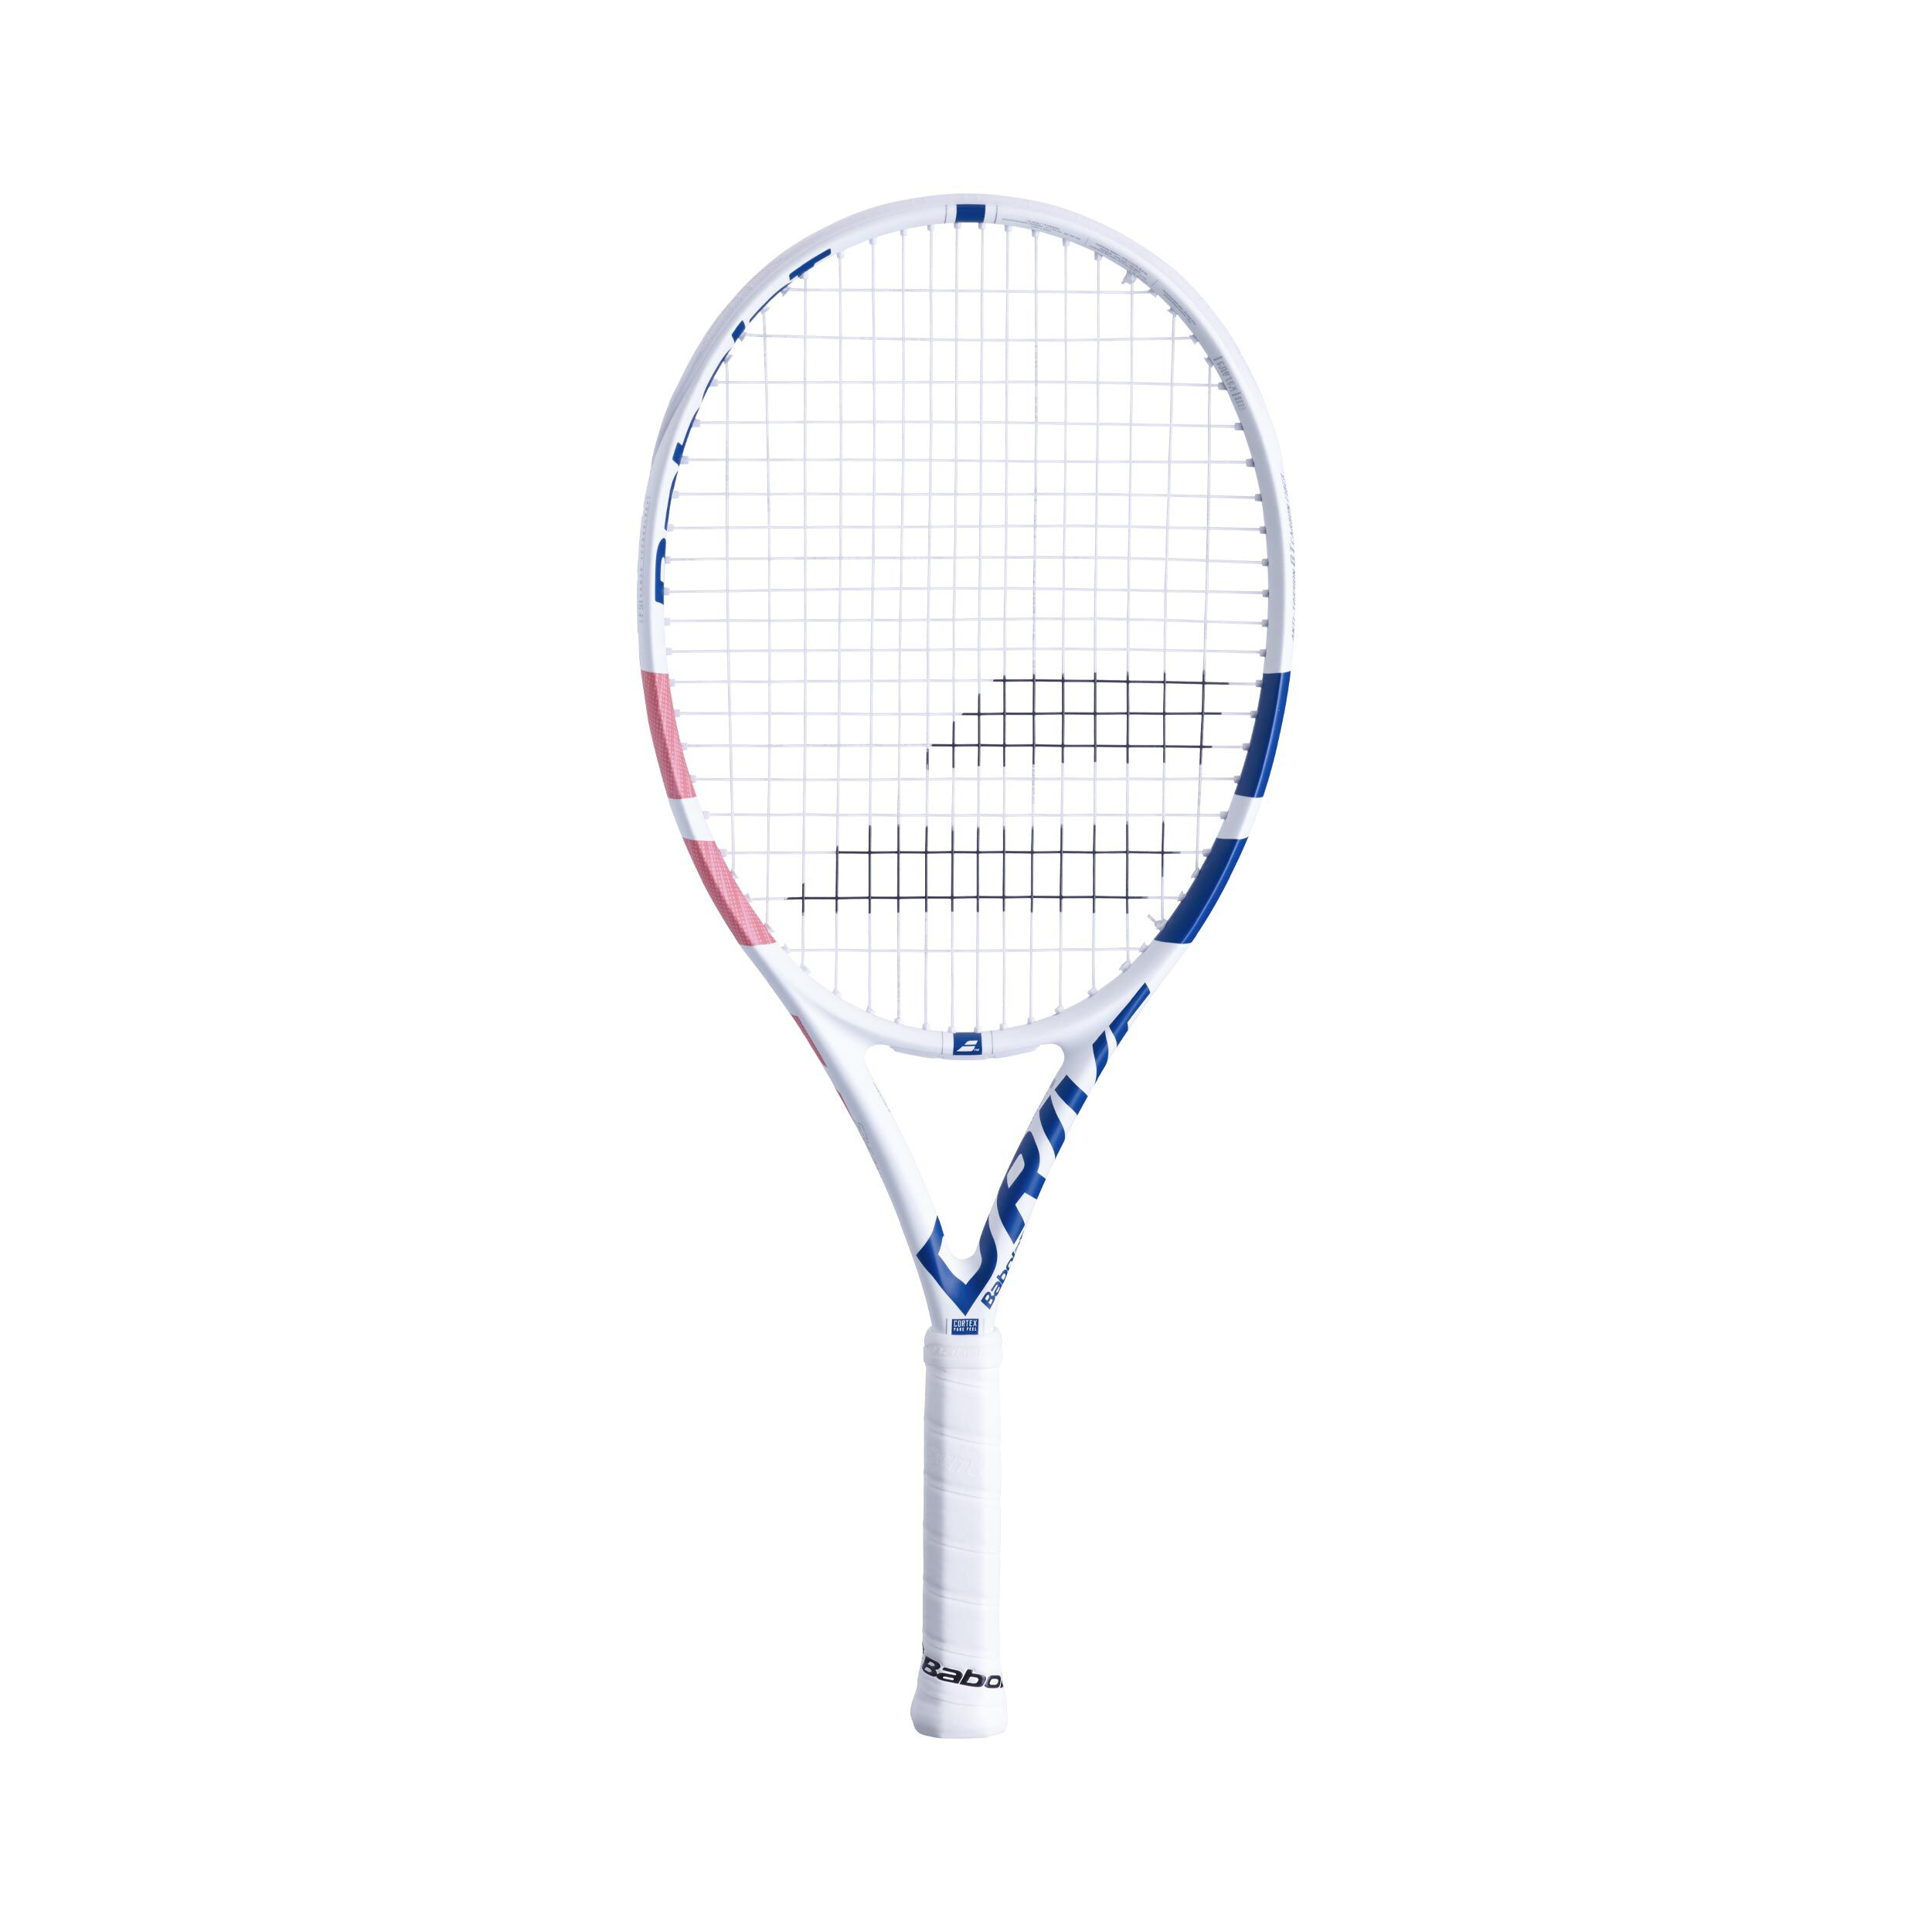 für 9-11jährige Hochwertiger Kinder-Tennisschläger HEAD Gravity 26 NEU